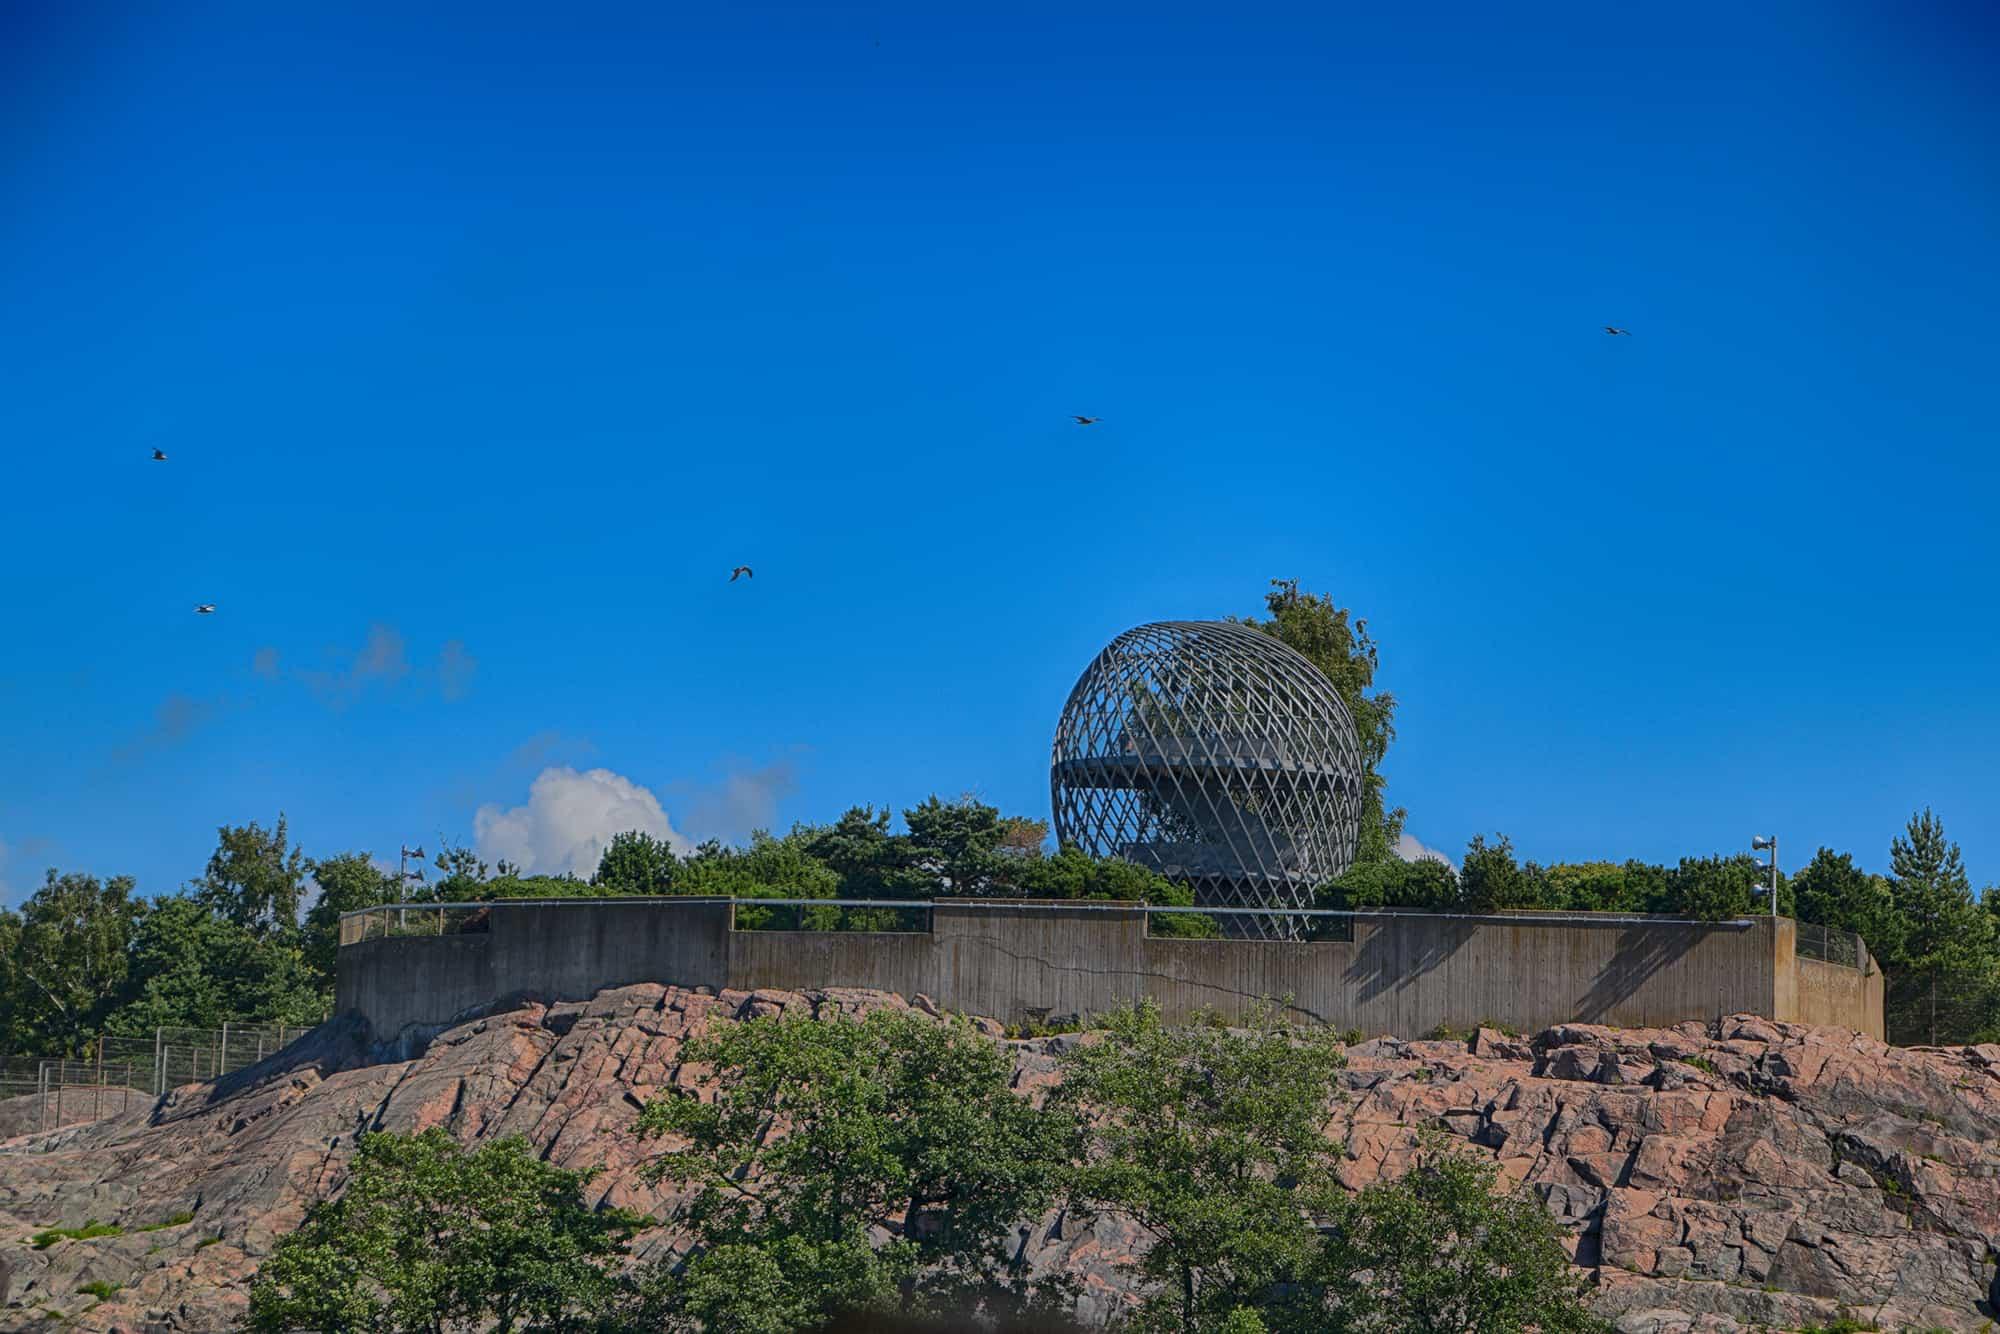 Το παρατηρητήριο στο ζωολογικό κήπο του Ελσίνκι